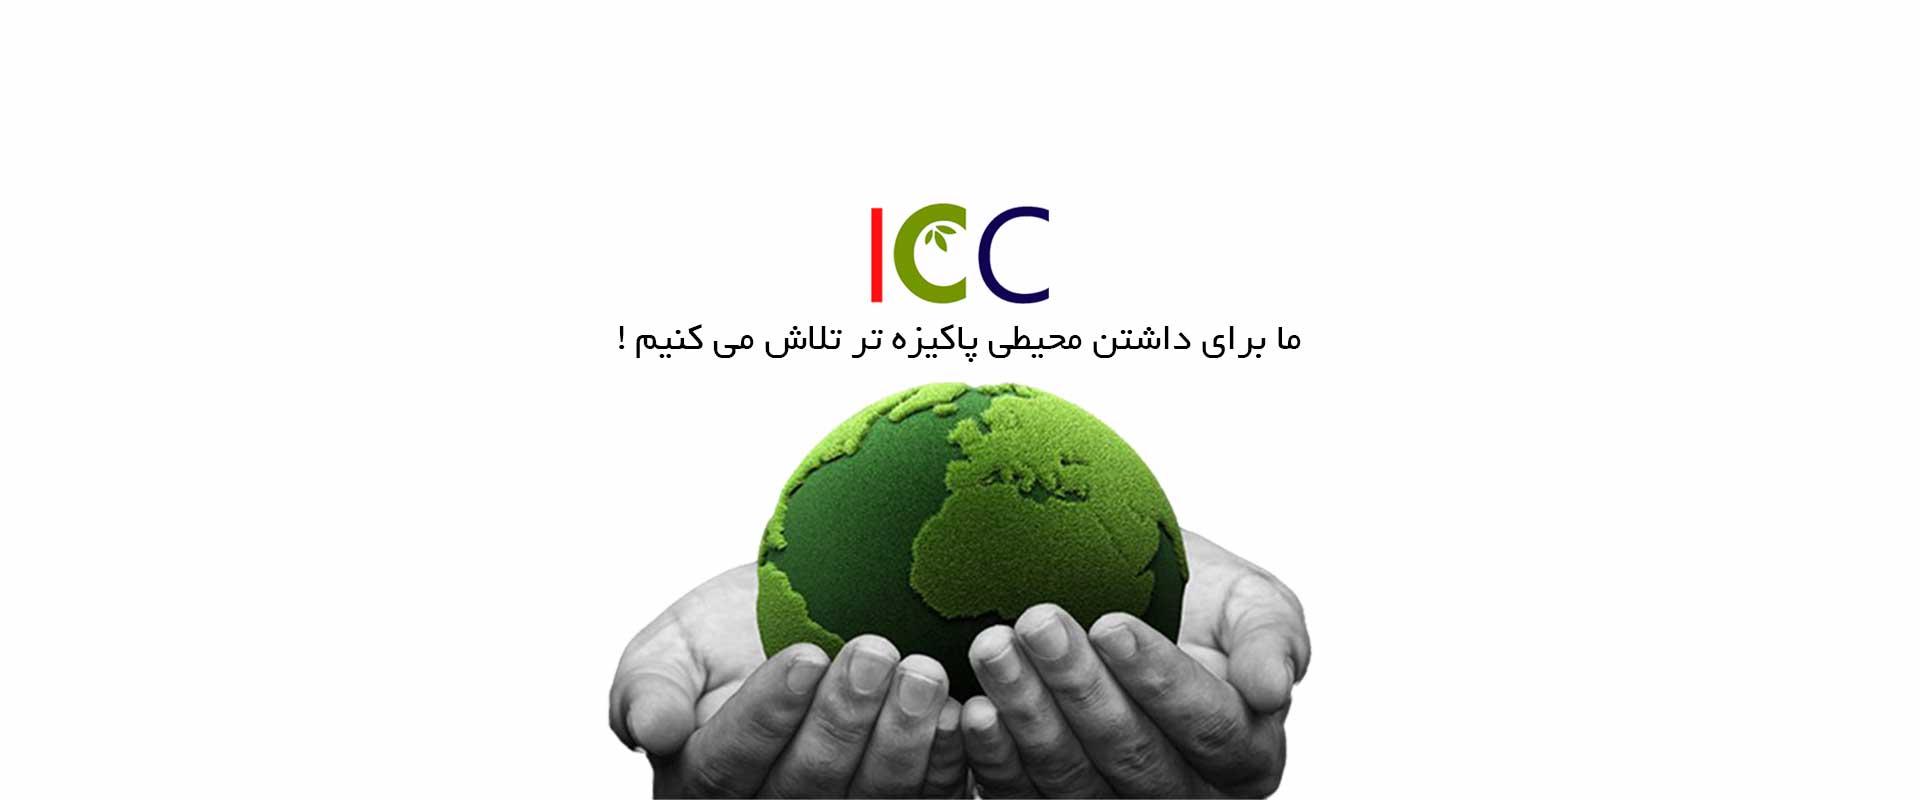 مرکز نظافتی ایران برای محیط پاکیزه تر